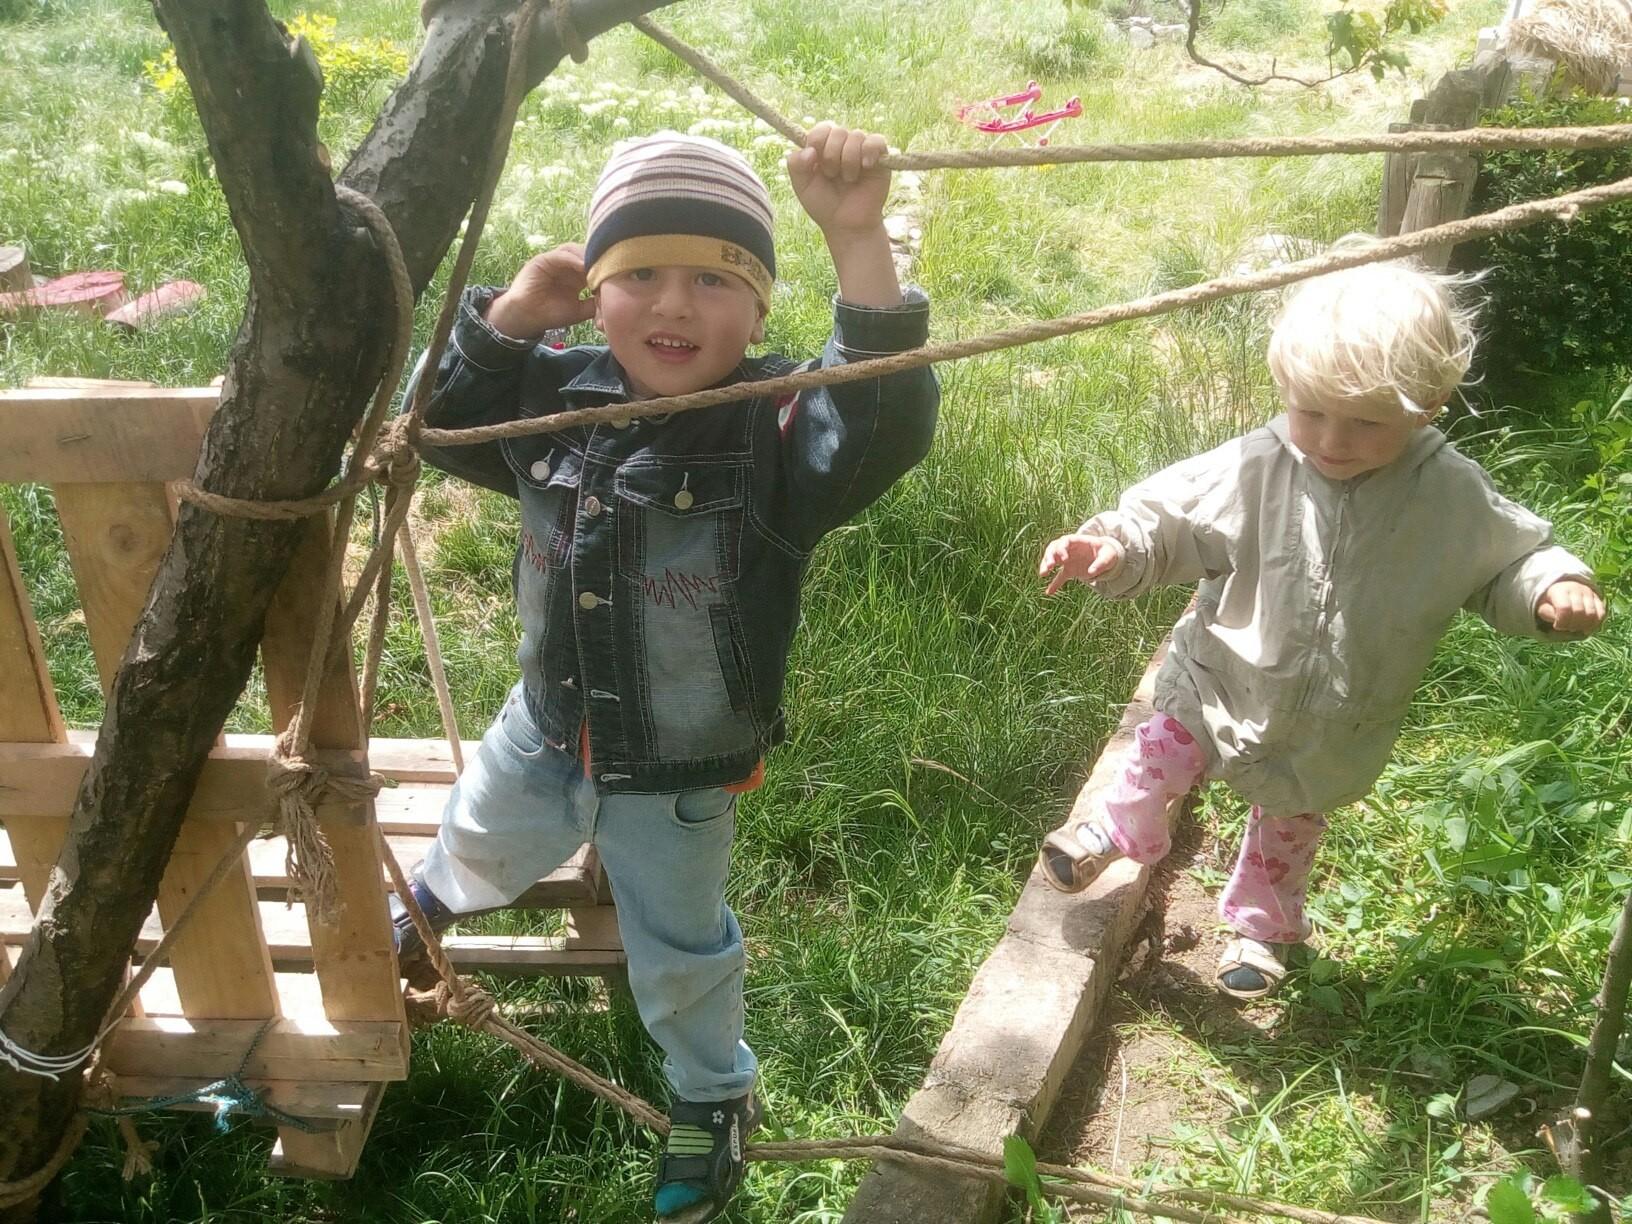 Переправа из двух веревок вполне безопасна для детей 3-4 лет